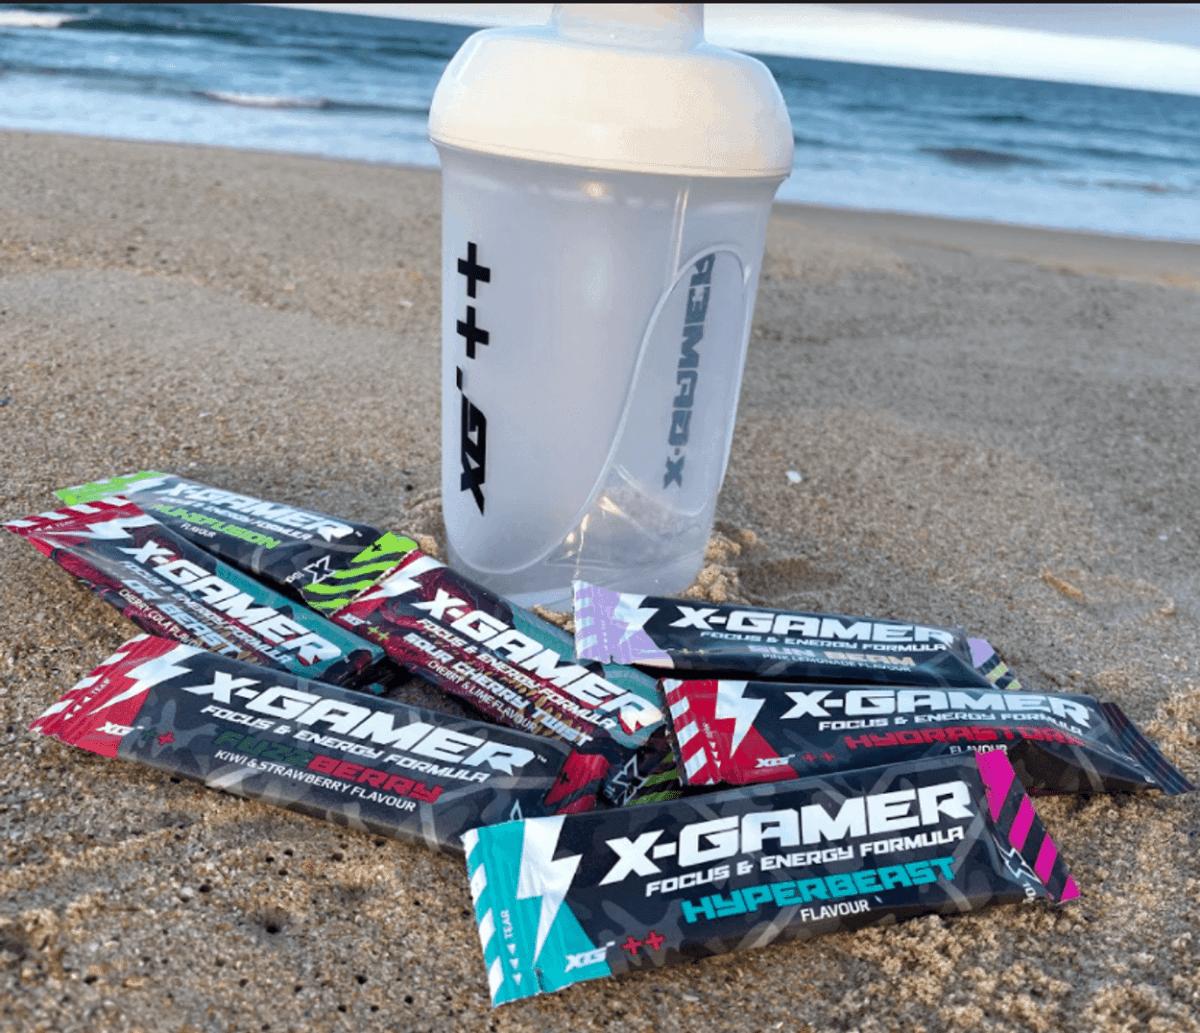 X Gamer energy drinks sachets